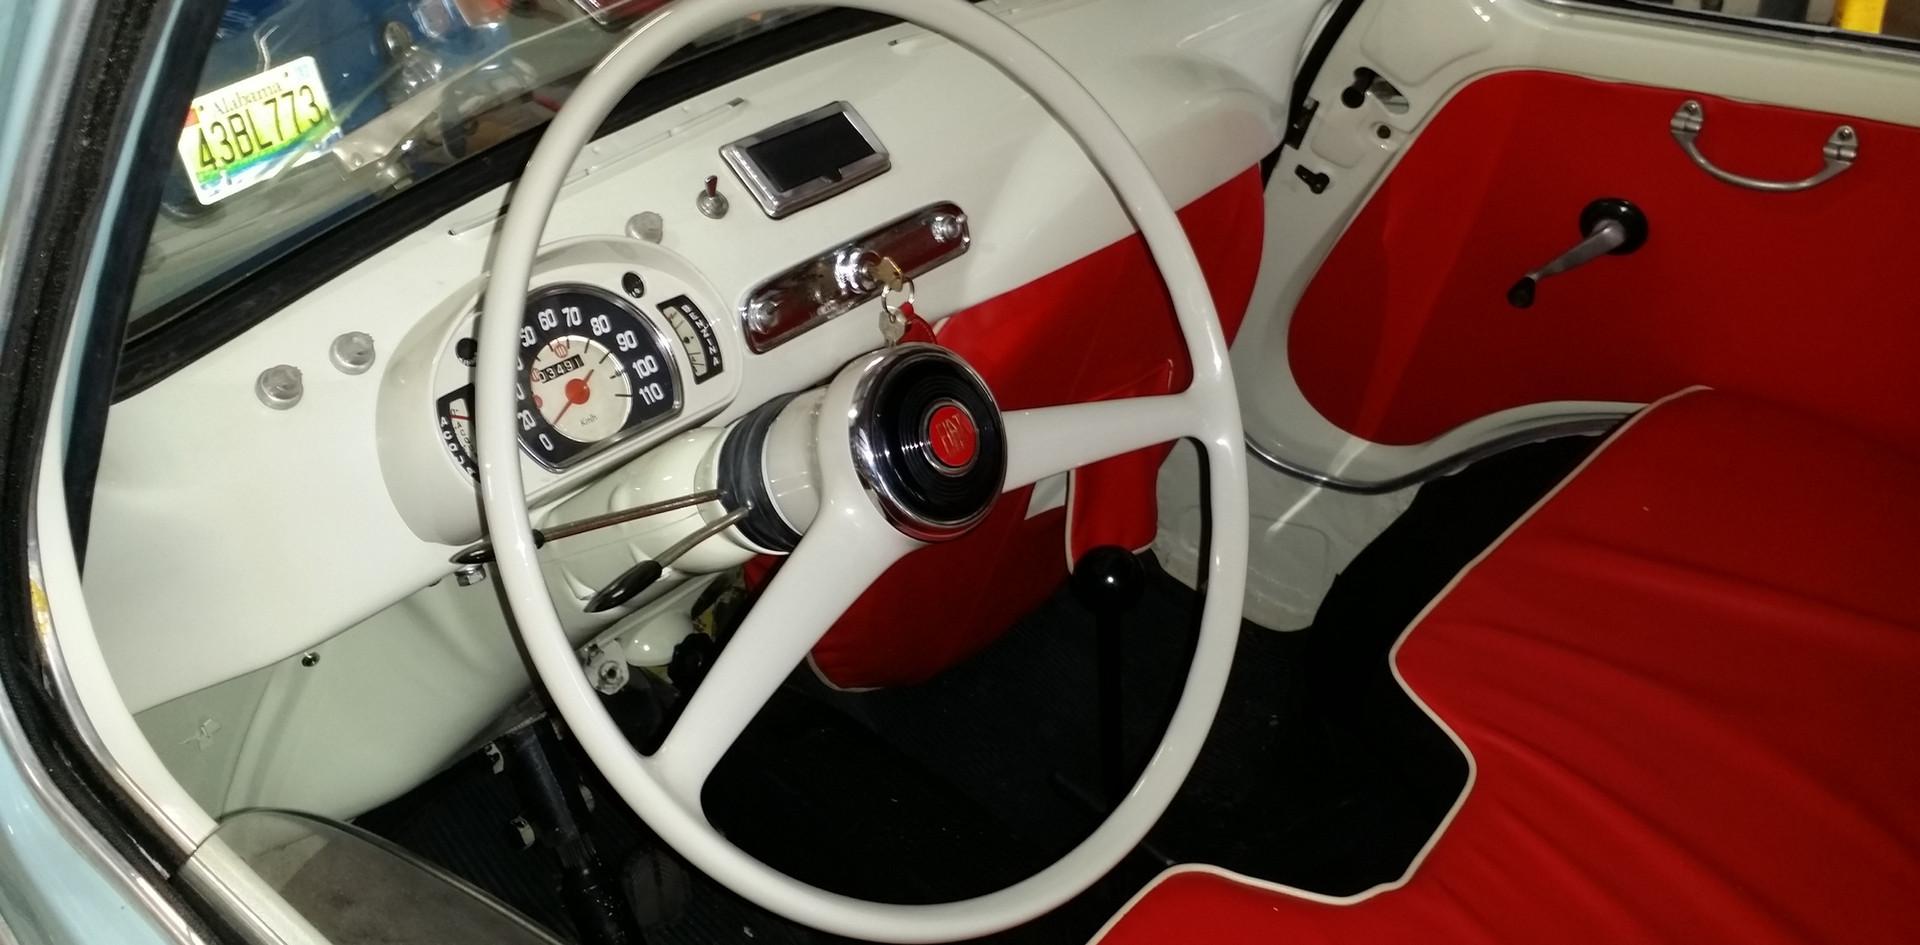 Restored Steering Wheel